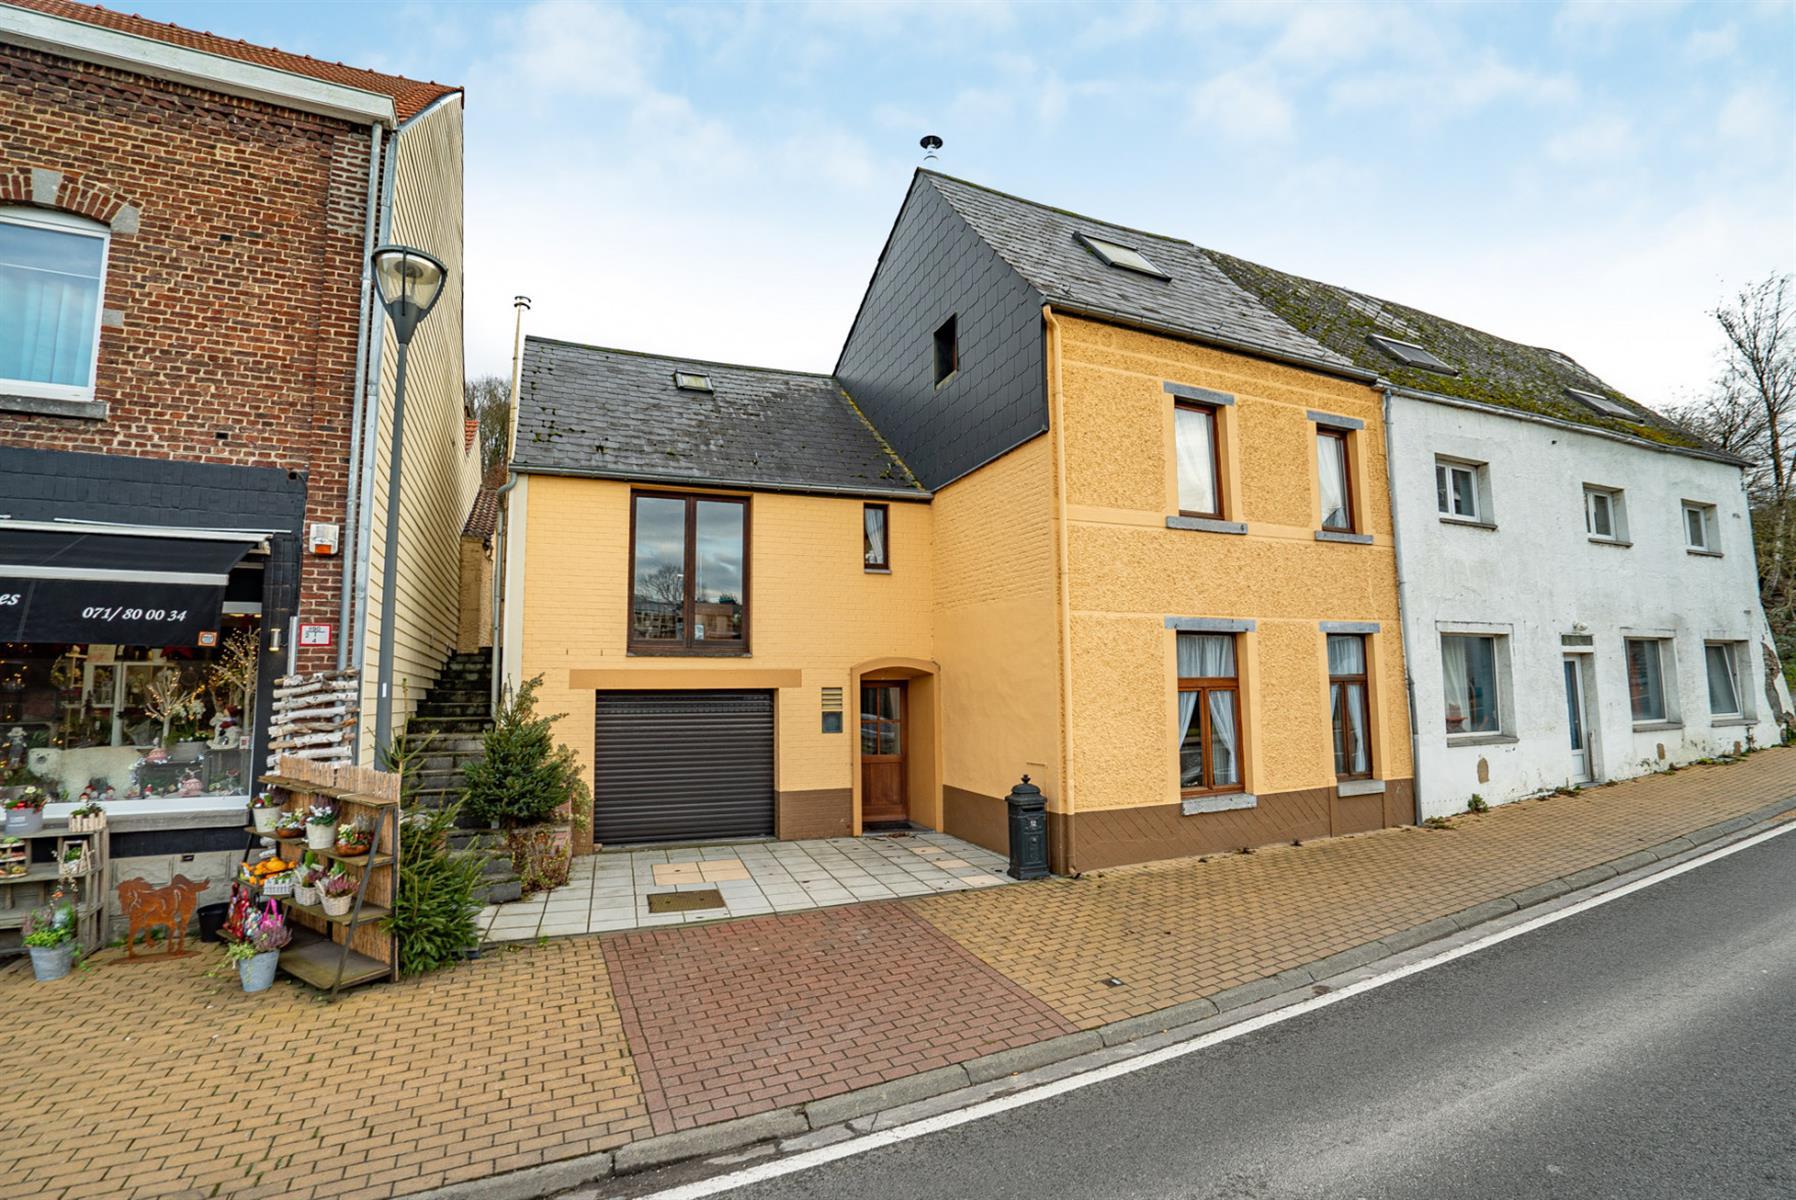 Maison - Villers-la-Ville - #3930710-0